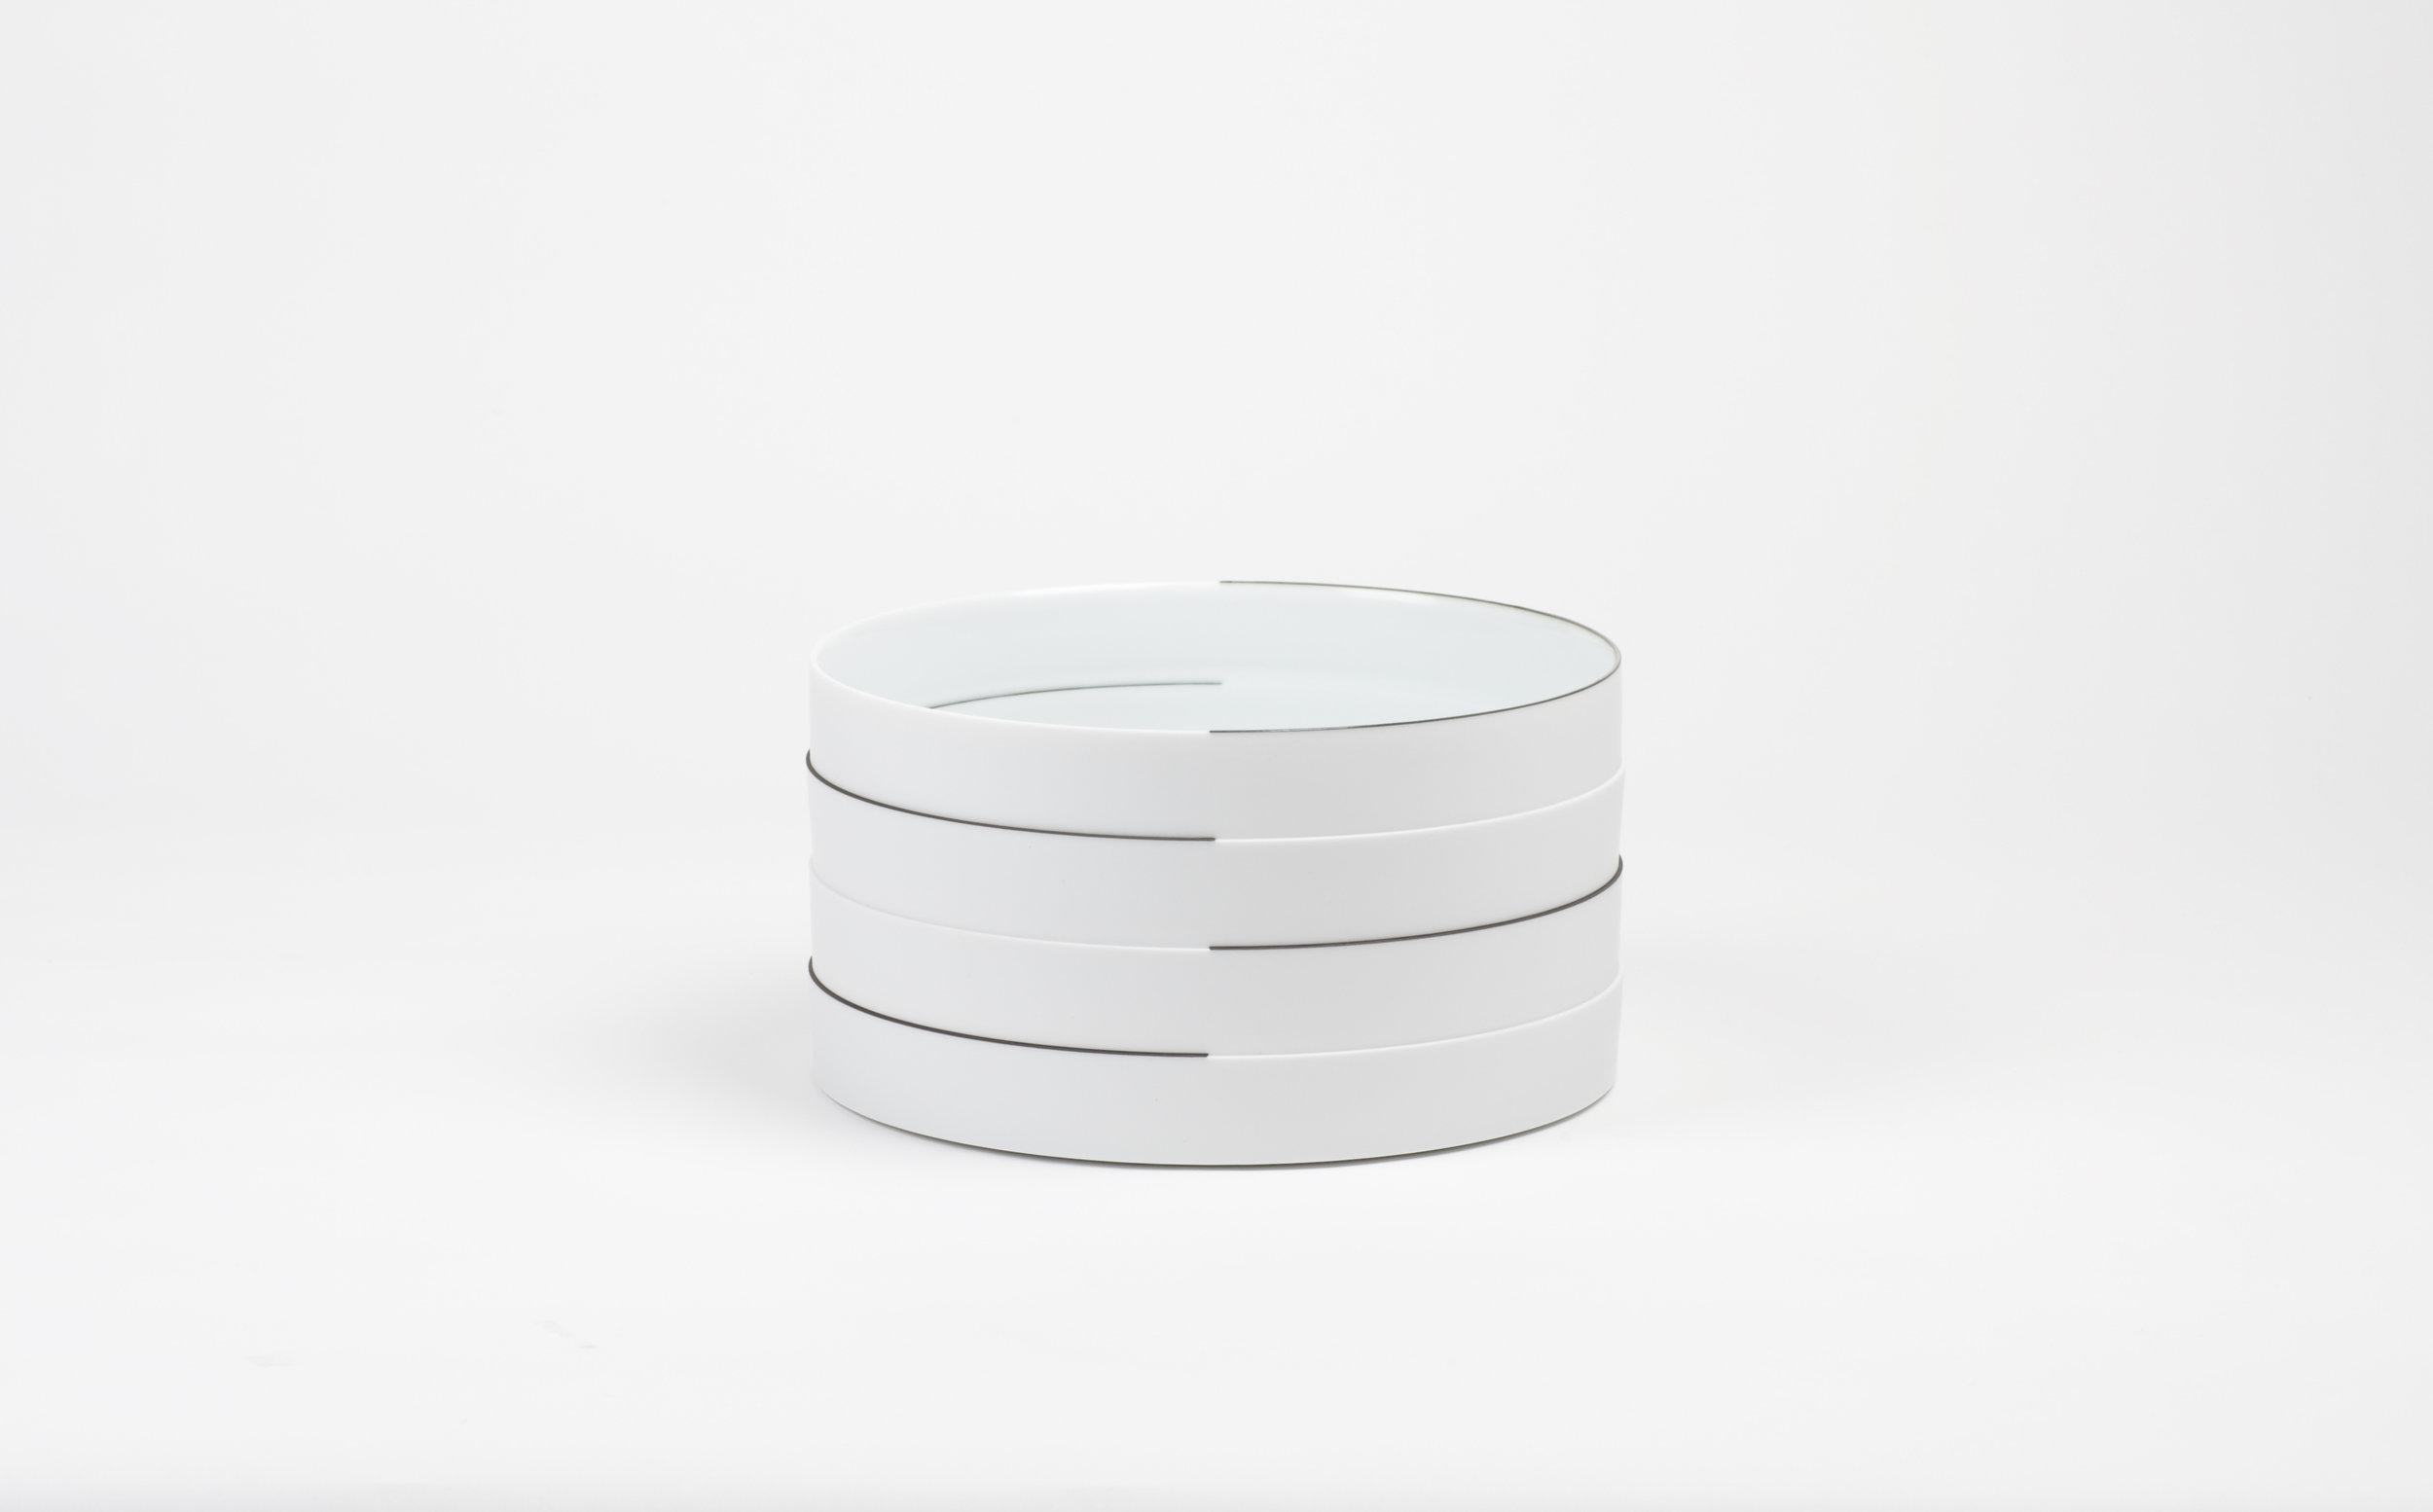 31.Zylinder,Bo Kyung Kim